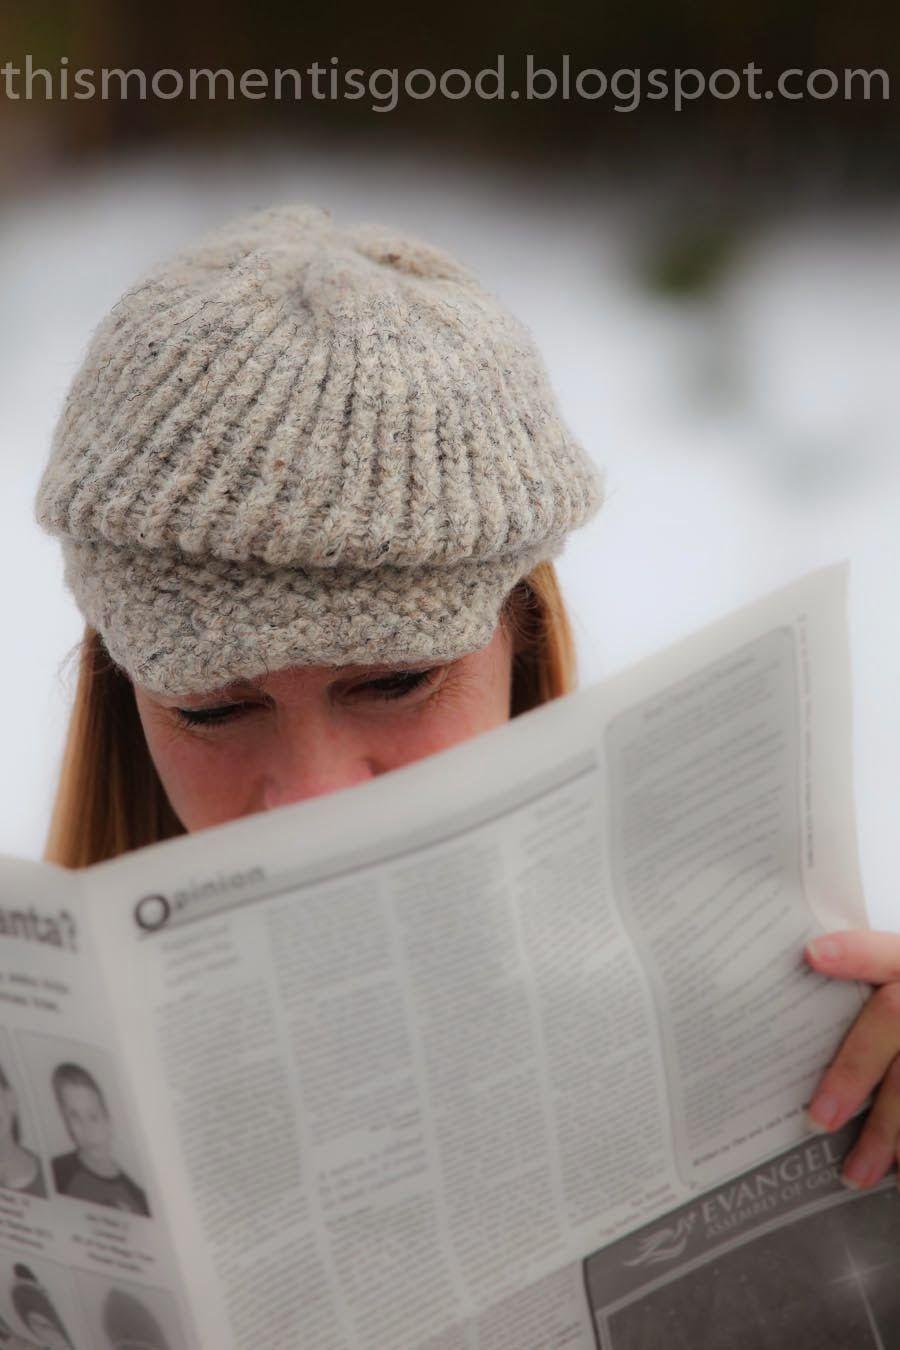 LOOM KNIT FELTED NEWSBOY HAT | Strickring, Strickliesel und Stricken